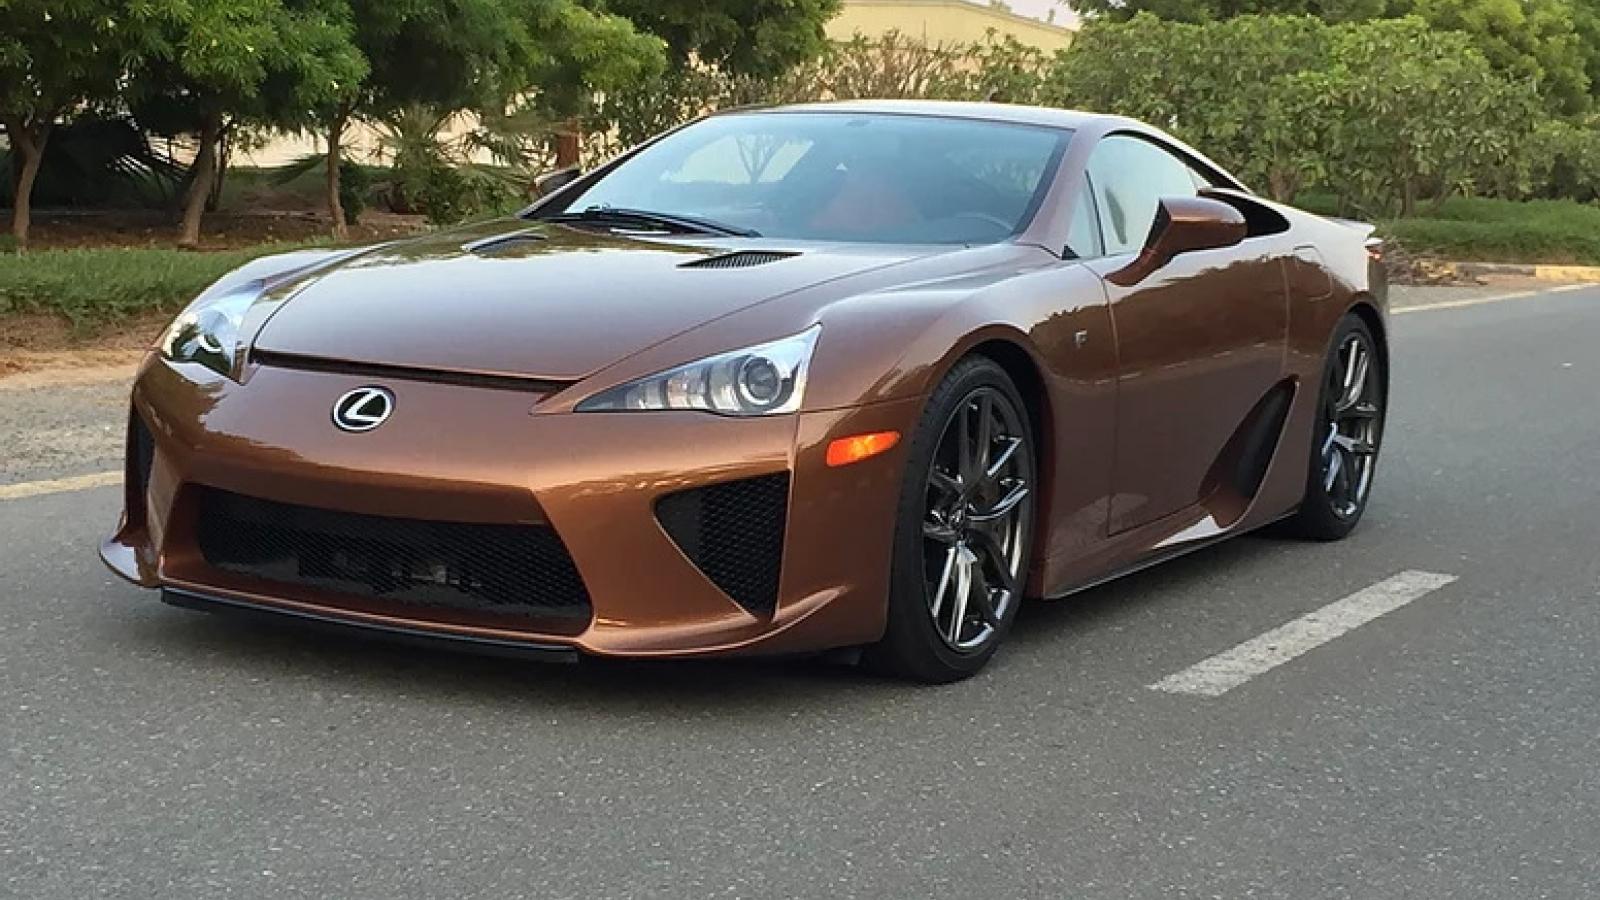 Sau 9 năm, Lexus LFA được rao bán với giá 15,6 tỷ đồng